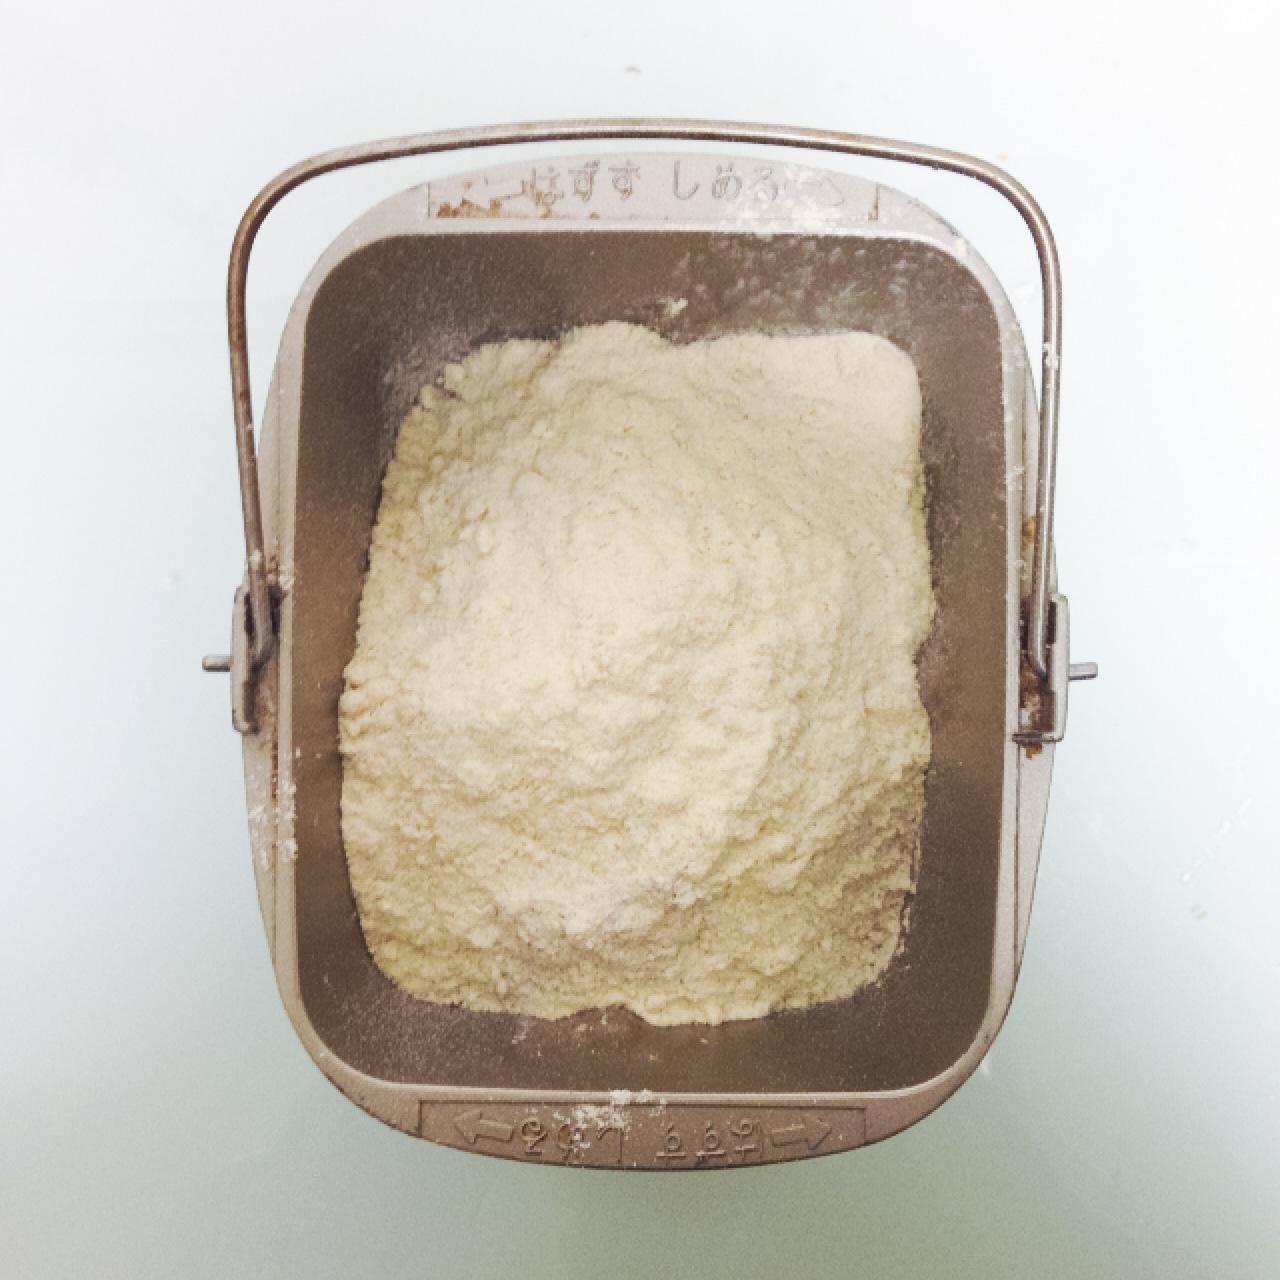 小麦グルテンを20グラムくらい入れます(全粒粉は本当に膨らみにくいので)ついでにおからパウダーも同じくらい。そして忘れちゃいけないお塩も入れて(フランスのゲランドの塩,めちゃウマ)5gくらい?